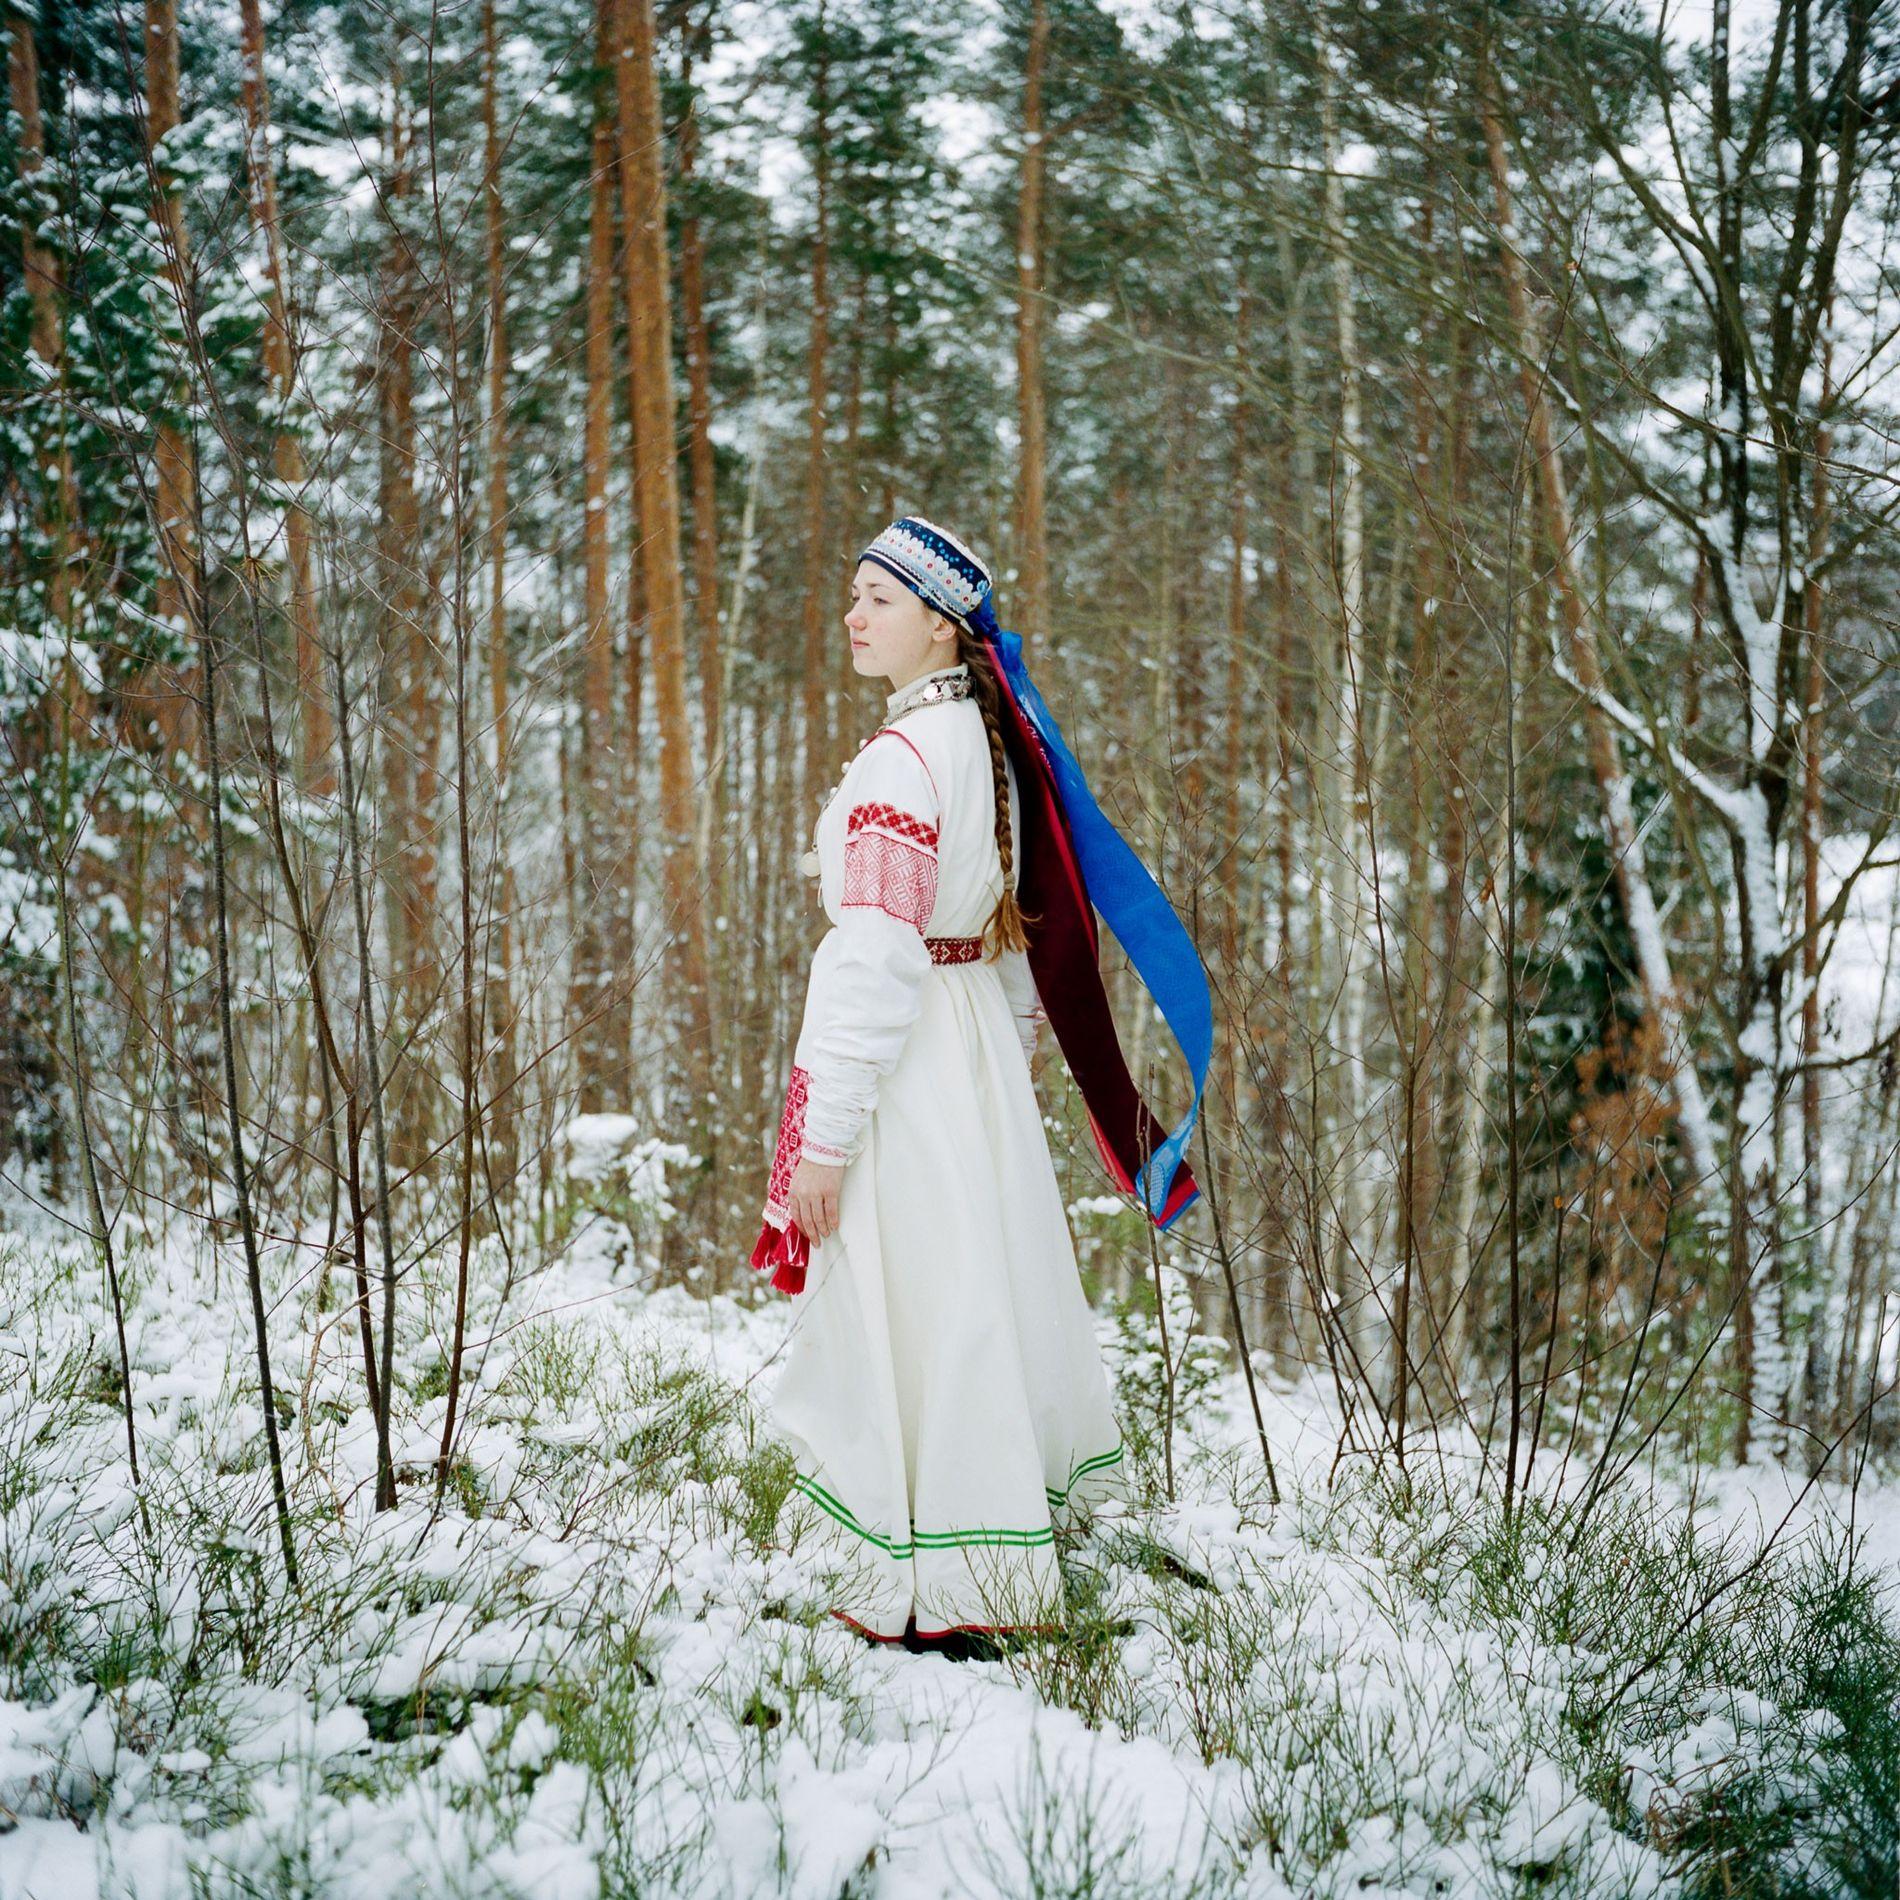 En Obinitsa, Estonia, una joven seto llamada Liisi Lõiv lleva puesto un traje tradicional en el jardín de sus abuelos. Las mujeres seto suelen tener trajes nuevos y viejos. Este es uno viejo, blanco, con mangas largas. La ropa también revela otros detalles. Una mujer casada se cubre el pelo, mientras que una mujer soltera o una joven como Liisi lleva solo una corona o pañuelo, dejando a la vista su larga trenza. Hoy en día, los setos solo llevan sus trajes tradicionales en ocasiones especiales. Liisi dice que bordó ella misma su traje. «Estoy orgullosa de ser seto», afirma. «Es de donde vengo, donde crecí».